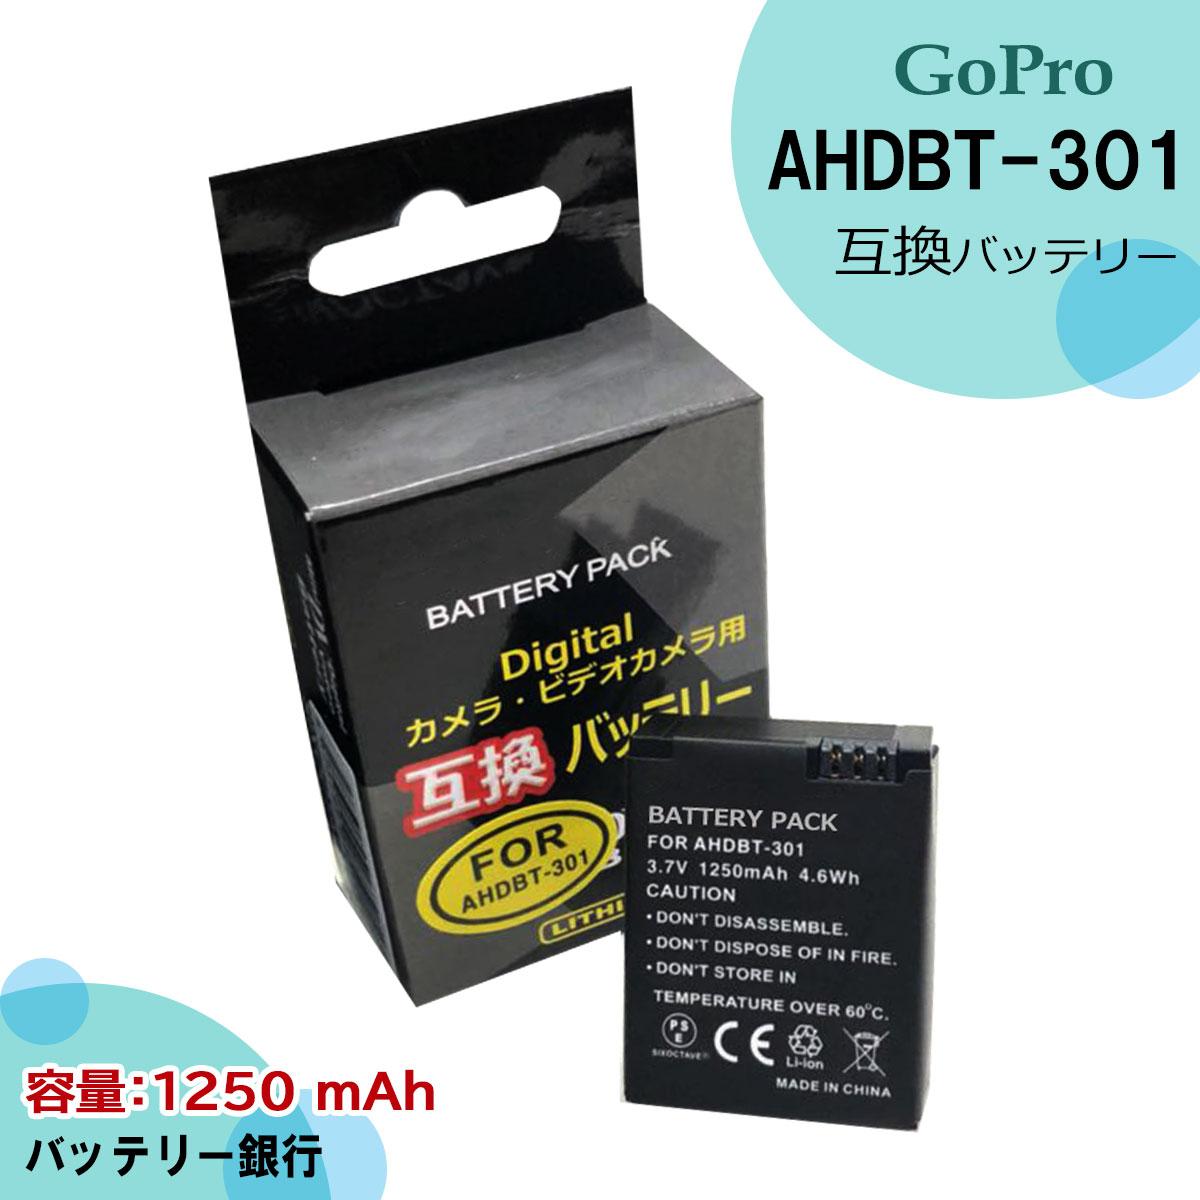 ゴープロ AHDBT-301 互換バッテリー 1個 残量表示可能【6ヶ月保証】 HERO3 / HERO3+ カメラアクセサリー